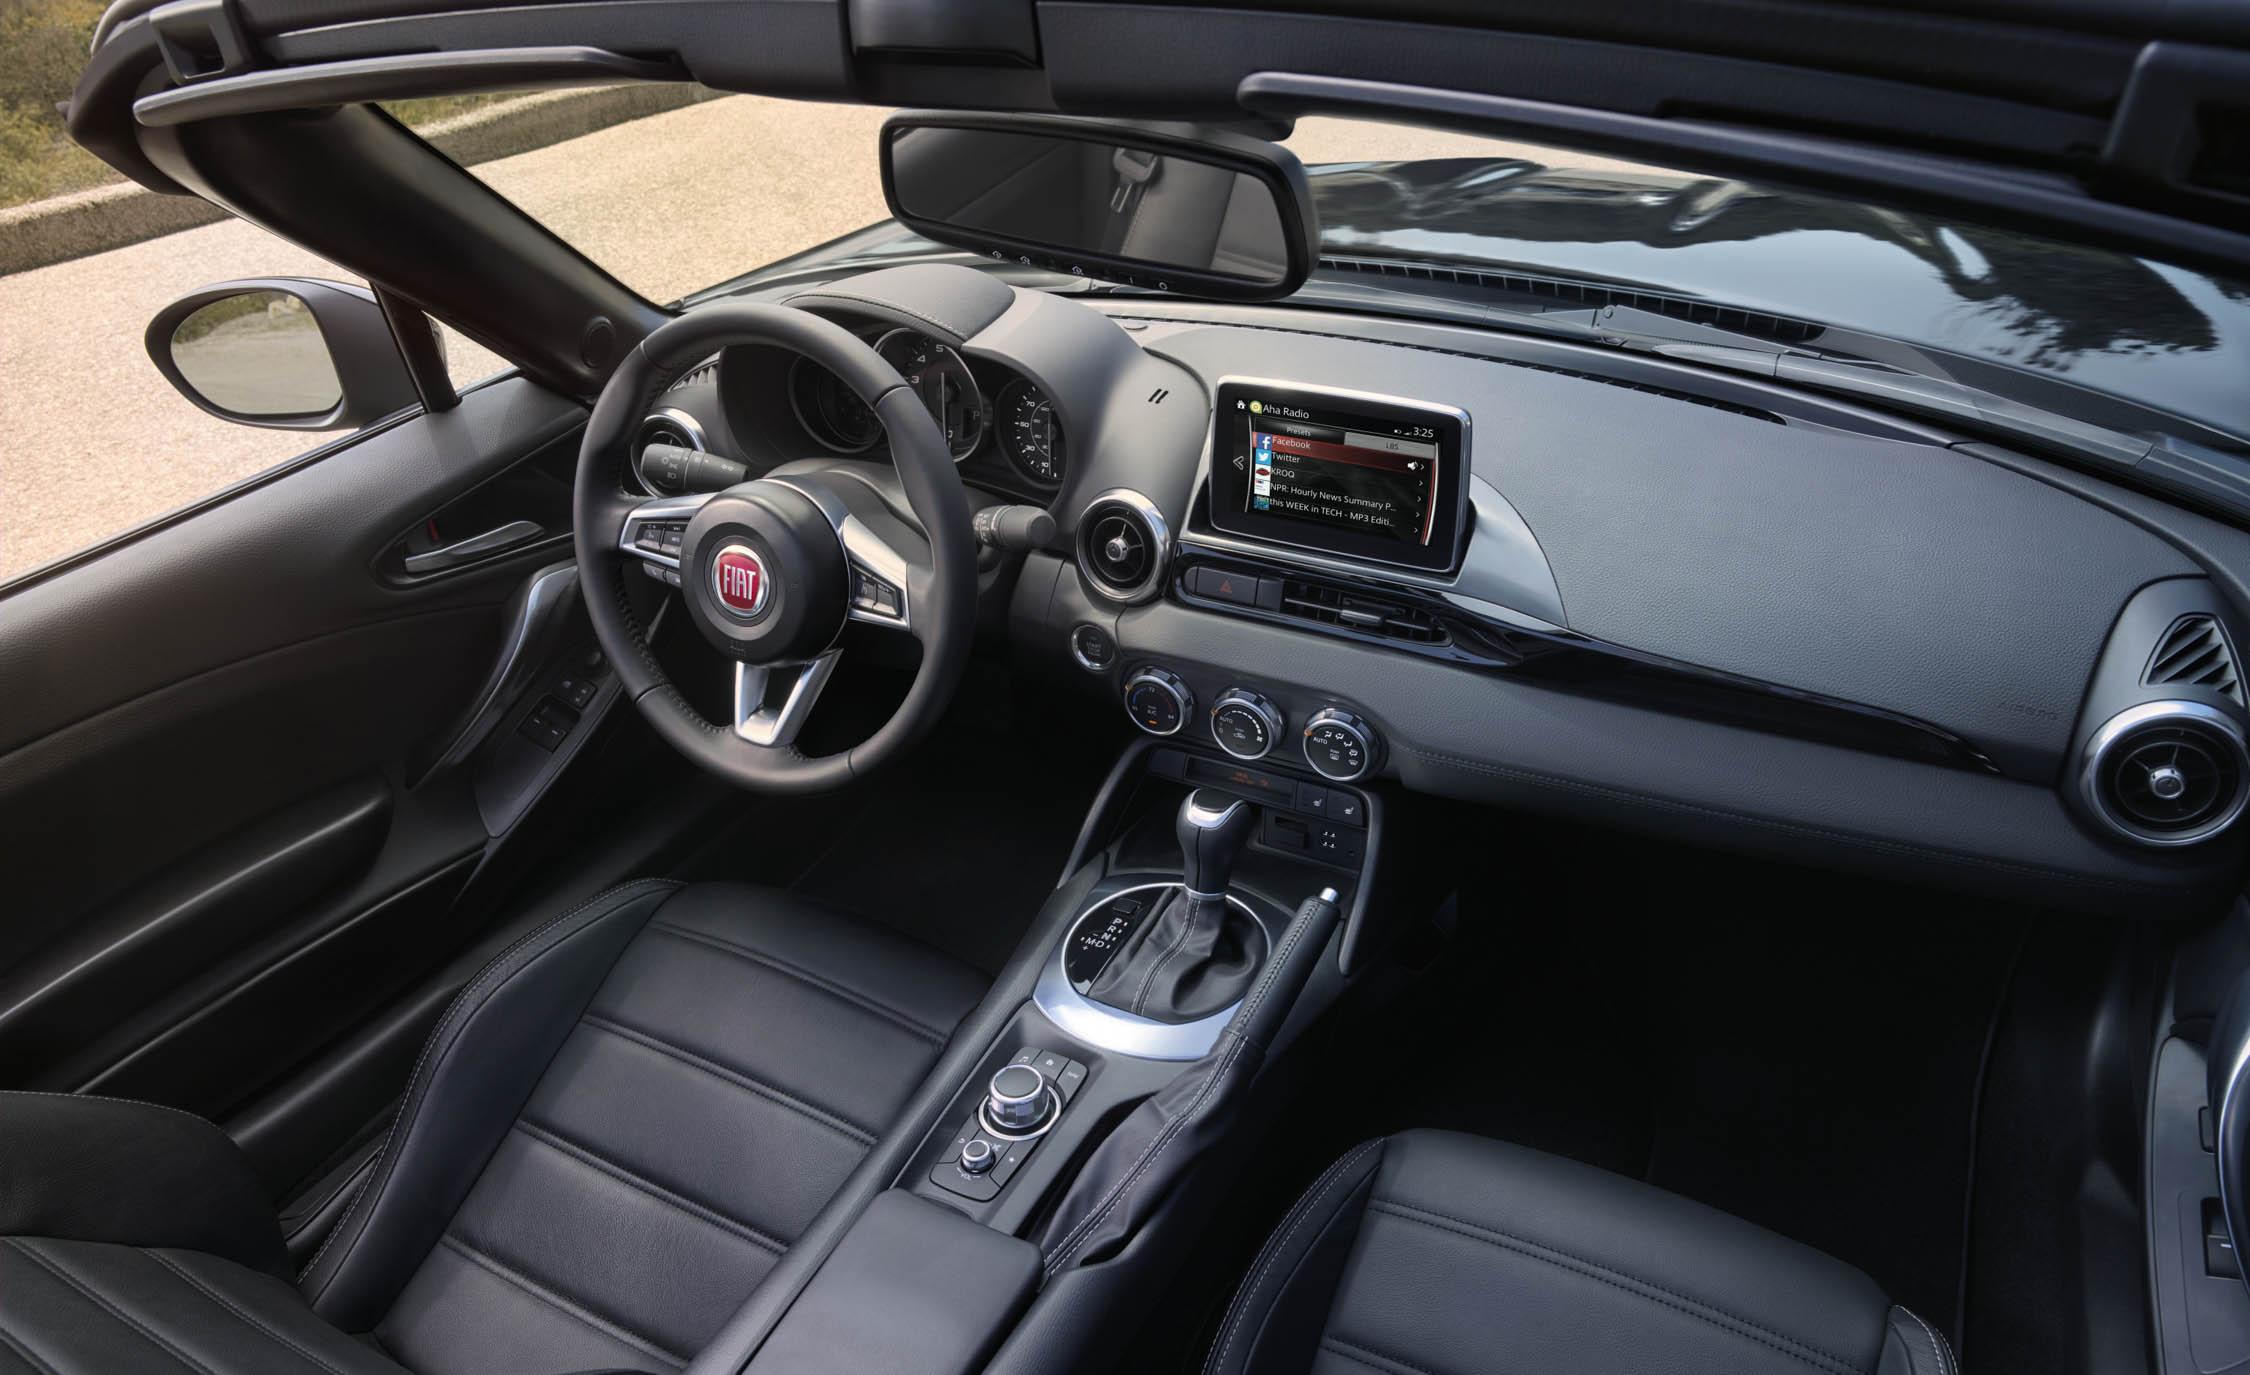 2017 Fiat 124 Spider Dashboard Interior (View 1 of 23)